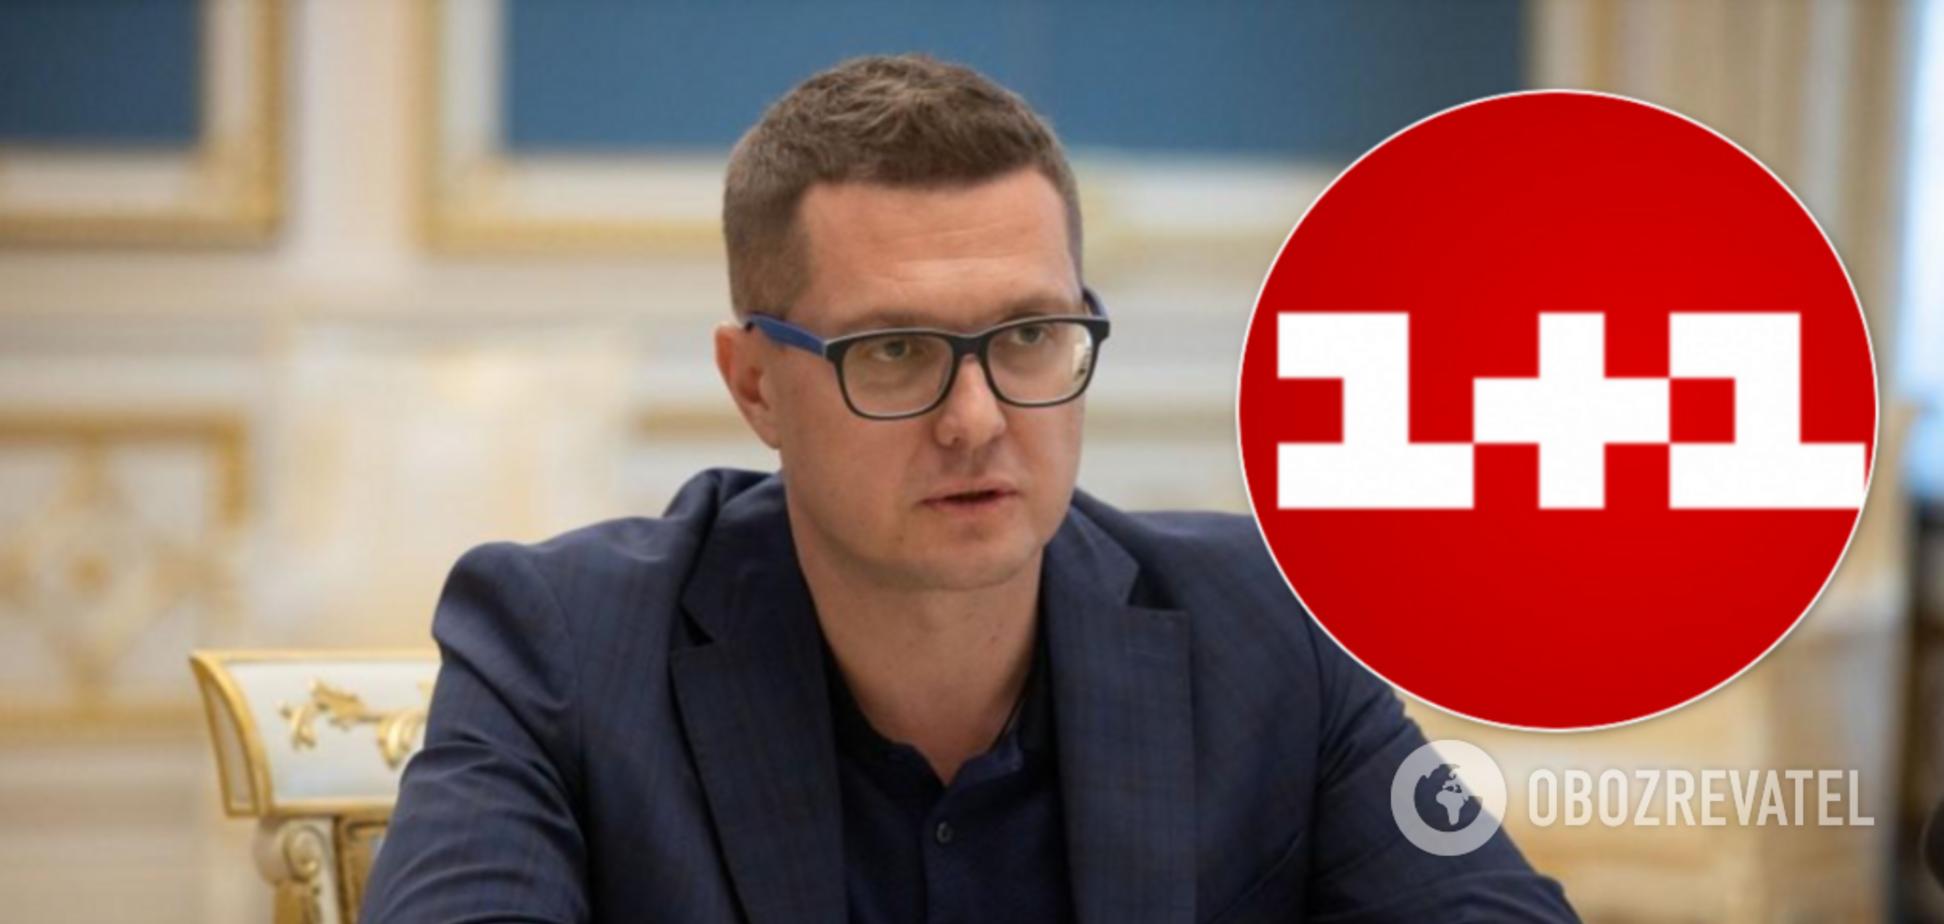 '1+1'обратился к Баканову из-за скандального обыска